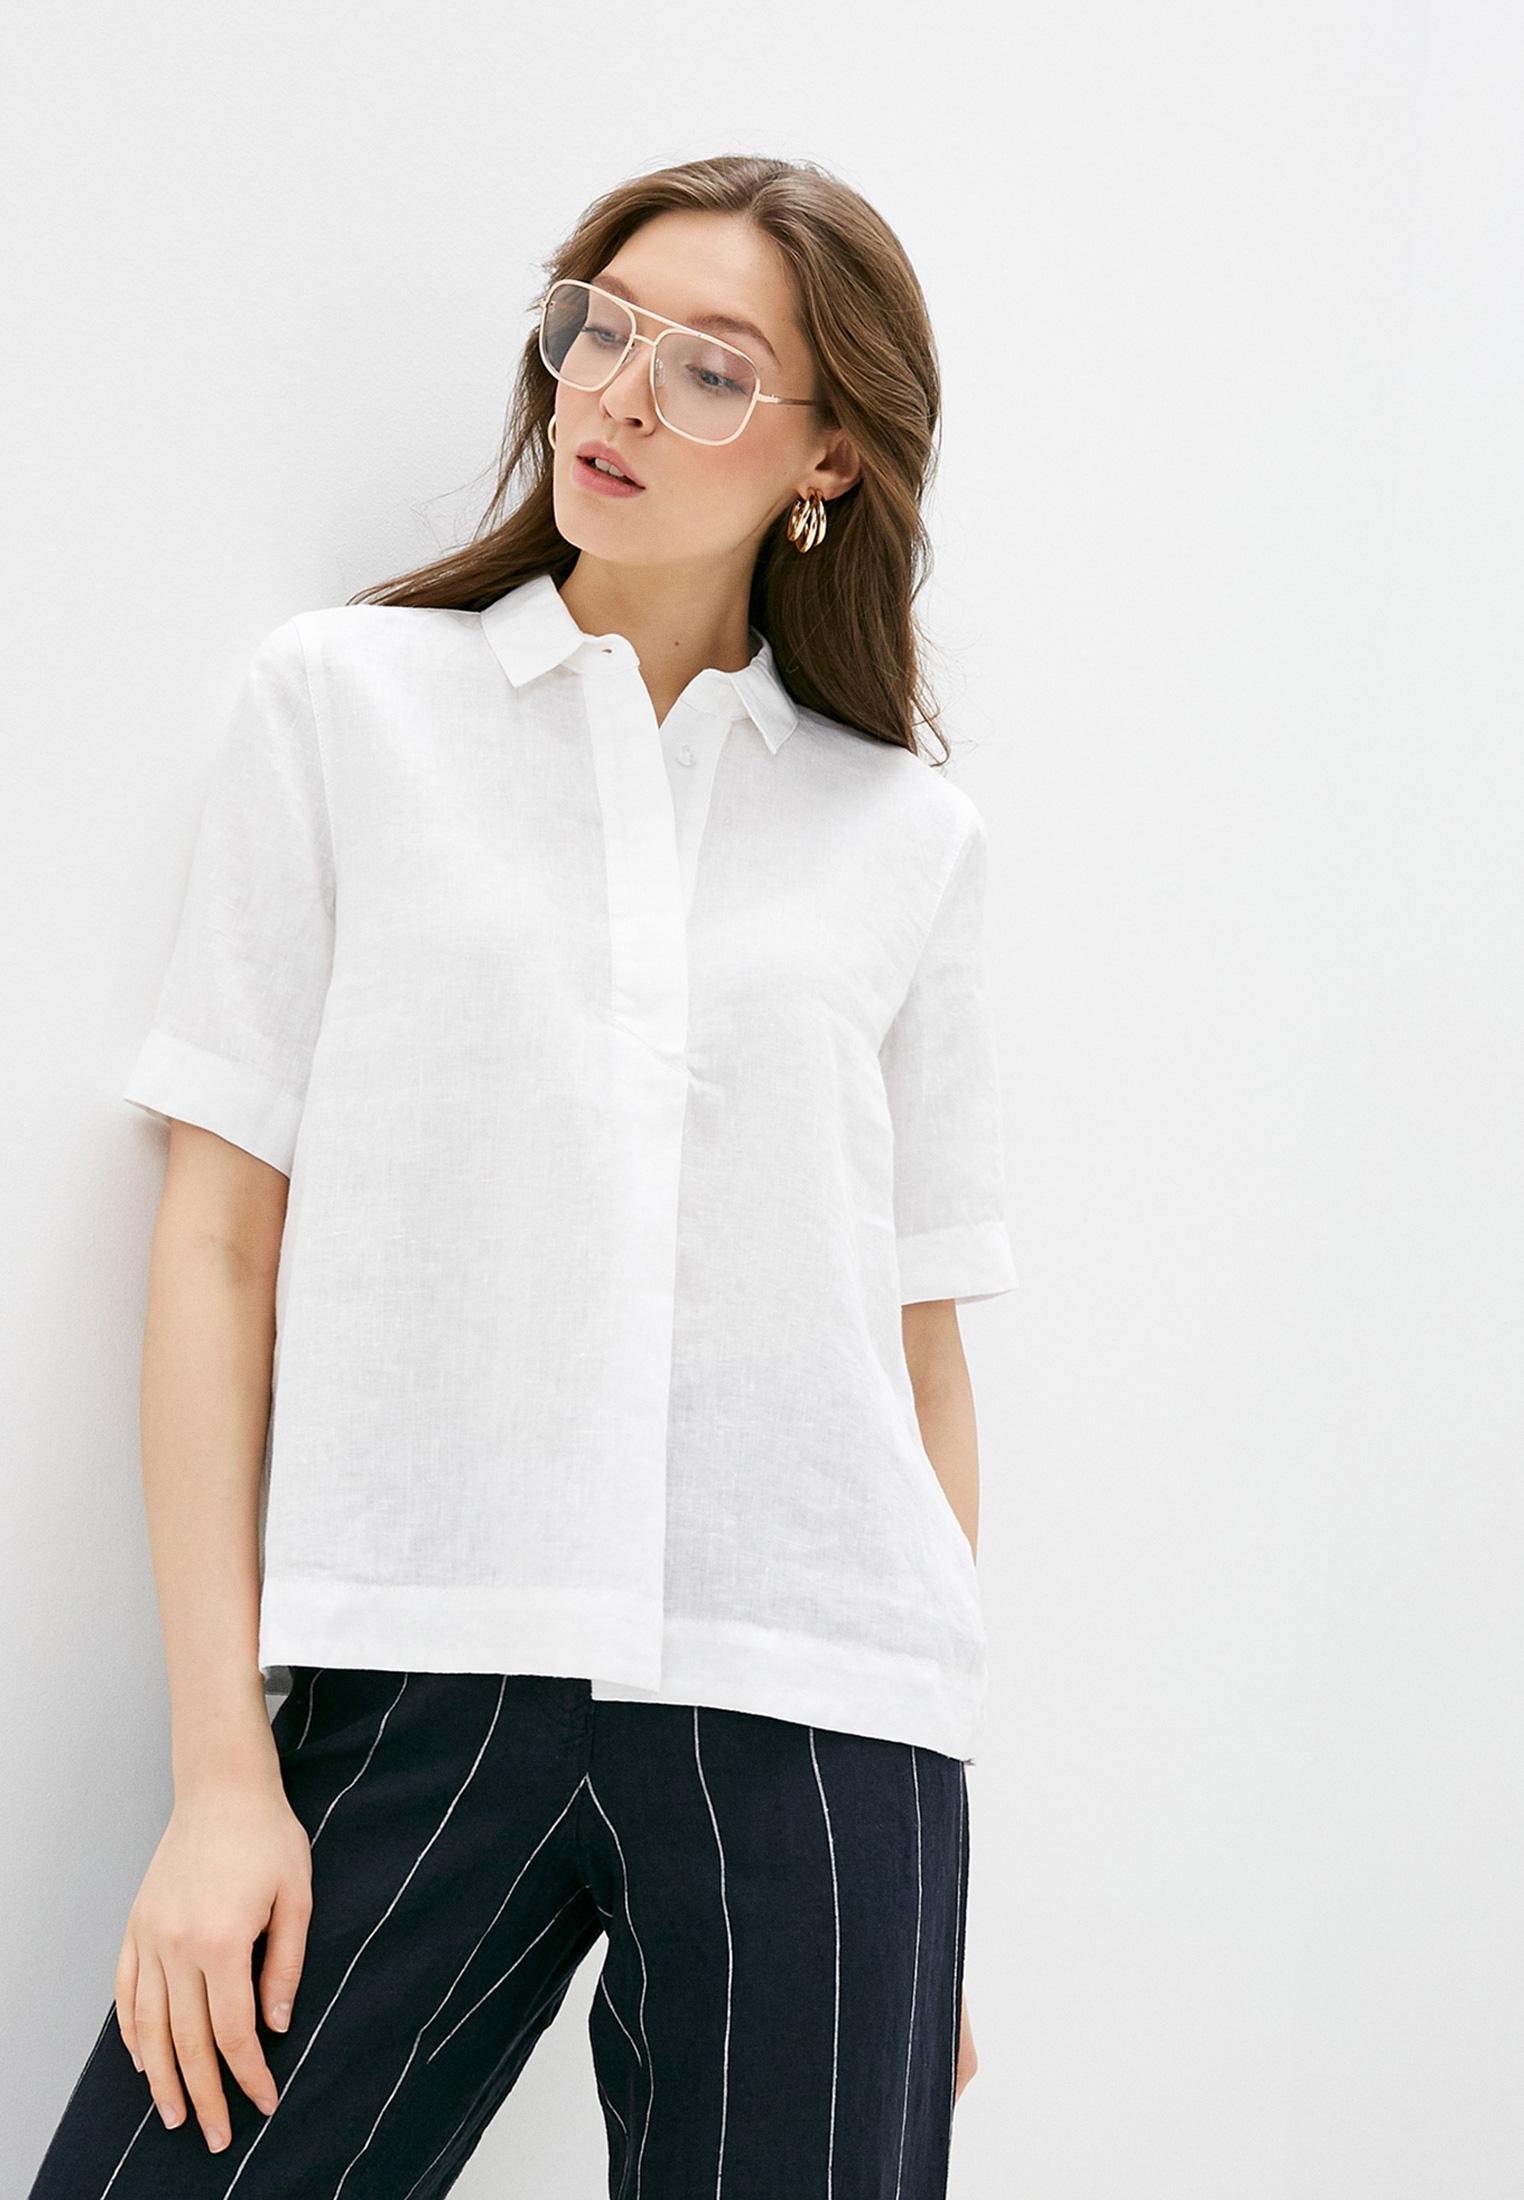 Рубашка с коротким рукавом Gerry Weber (Гарри Вебер) 260329-66660